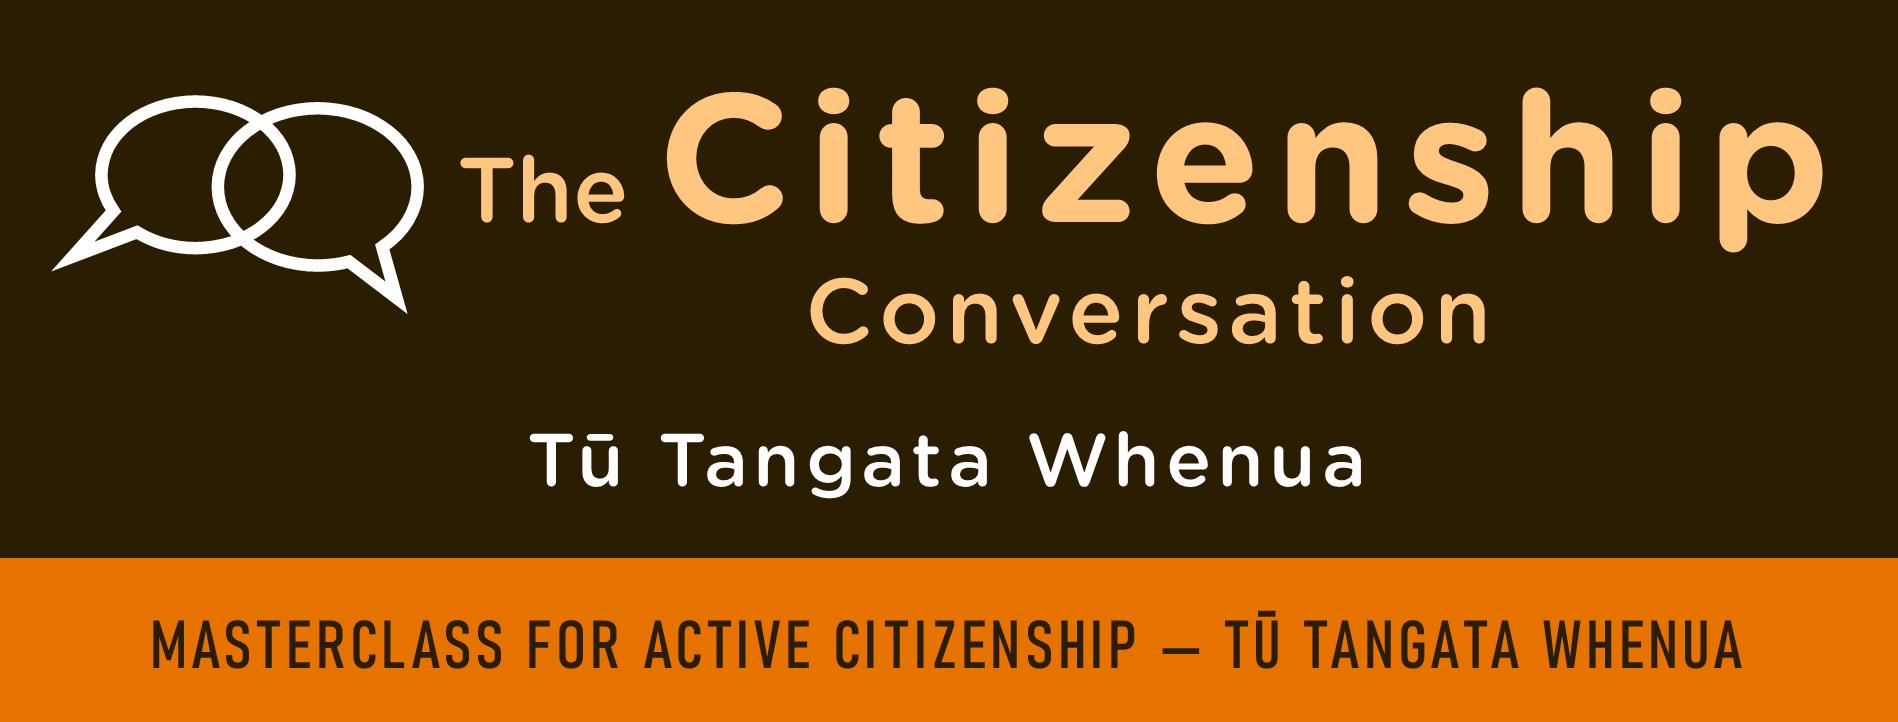 CitizenshipTitle.png